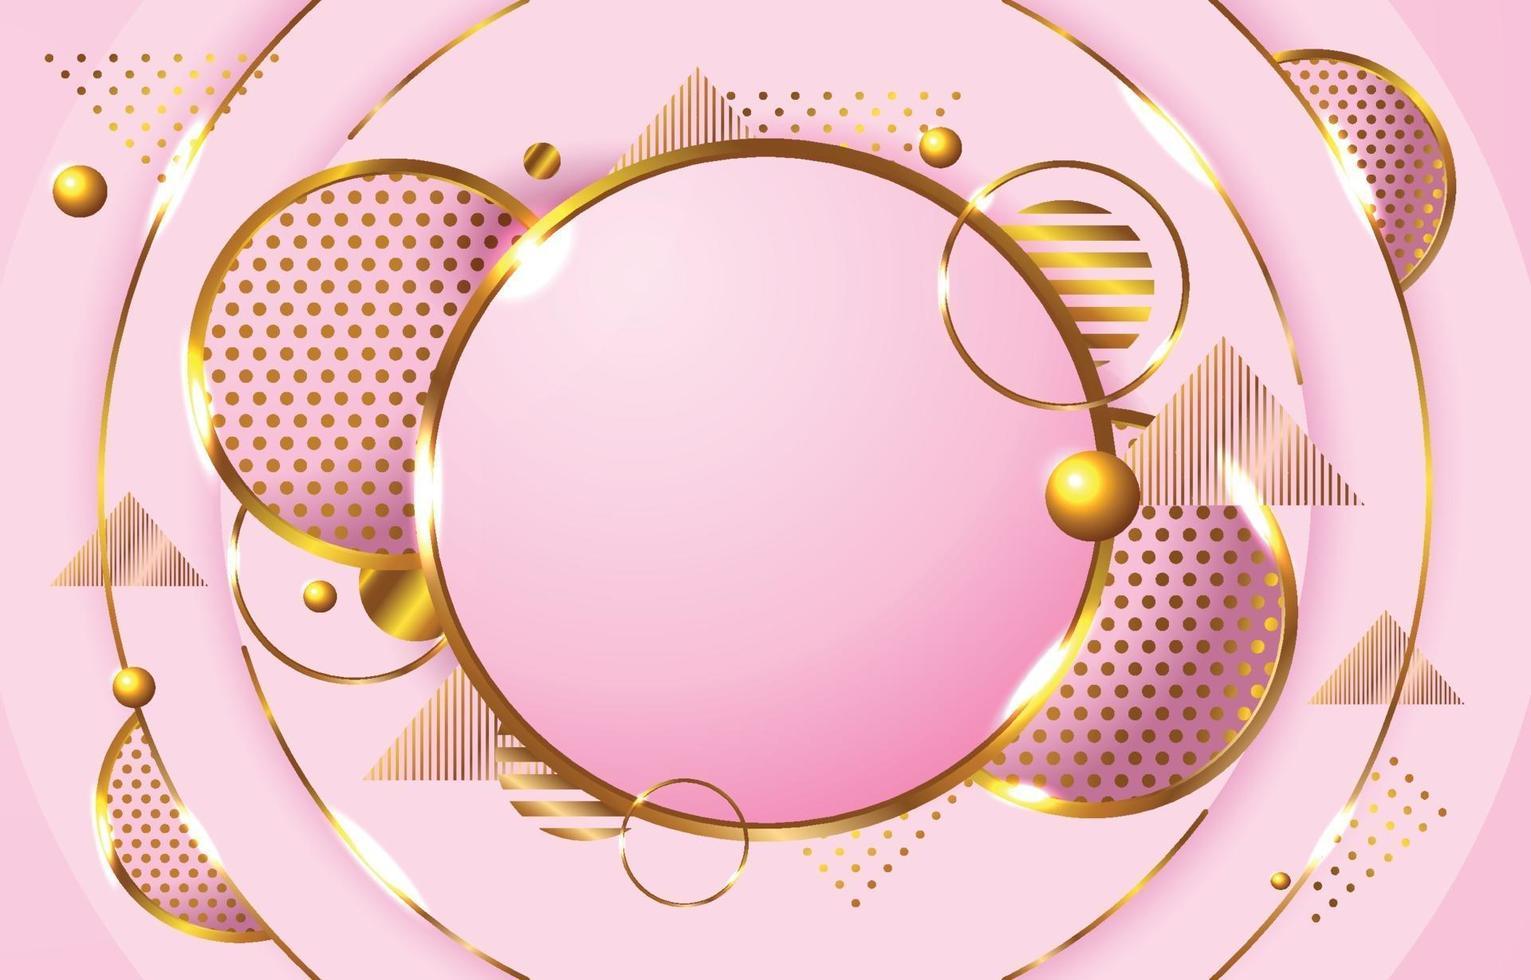 fondo rosa de lujo con círculo dorado vector